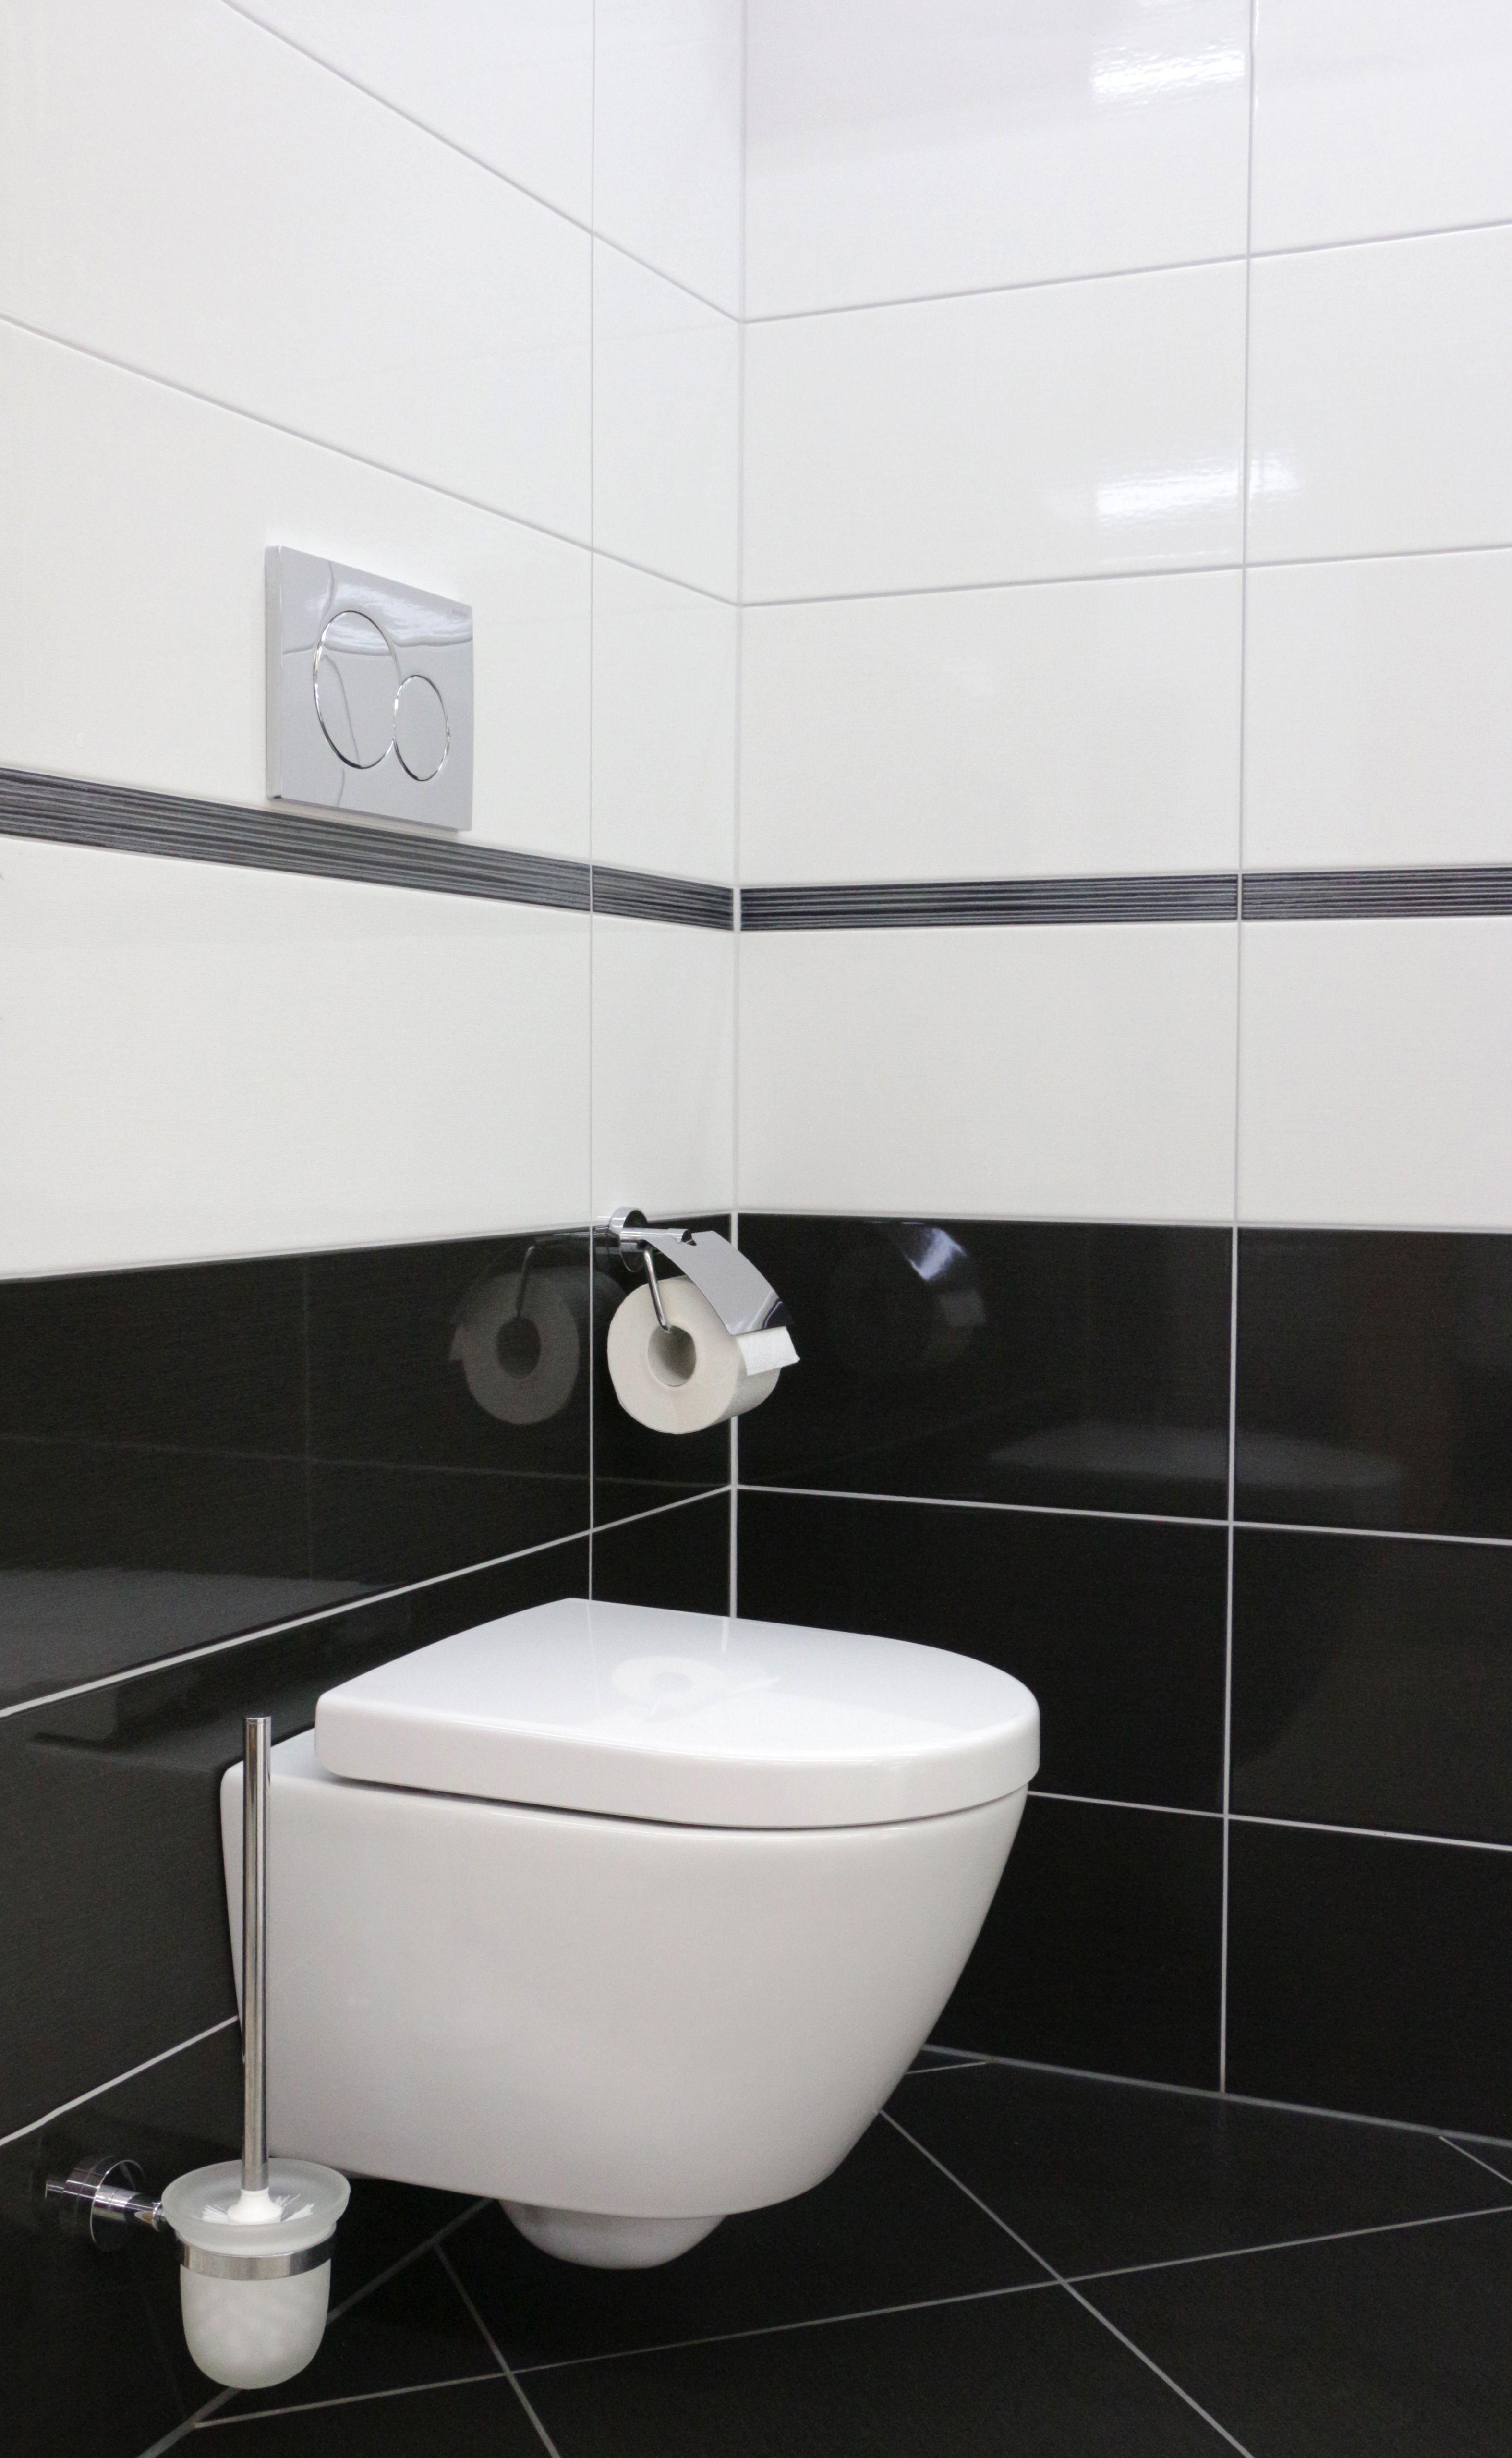 Schwarz Weiss Ein Klassiker Badezimmer Bad Bath Fliesen Schwarzweiss Gasteec Toilette Wc Fliese Badezimmer Schwarz Fliesen Schwarz Weiss Bad Fliesen Ideen